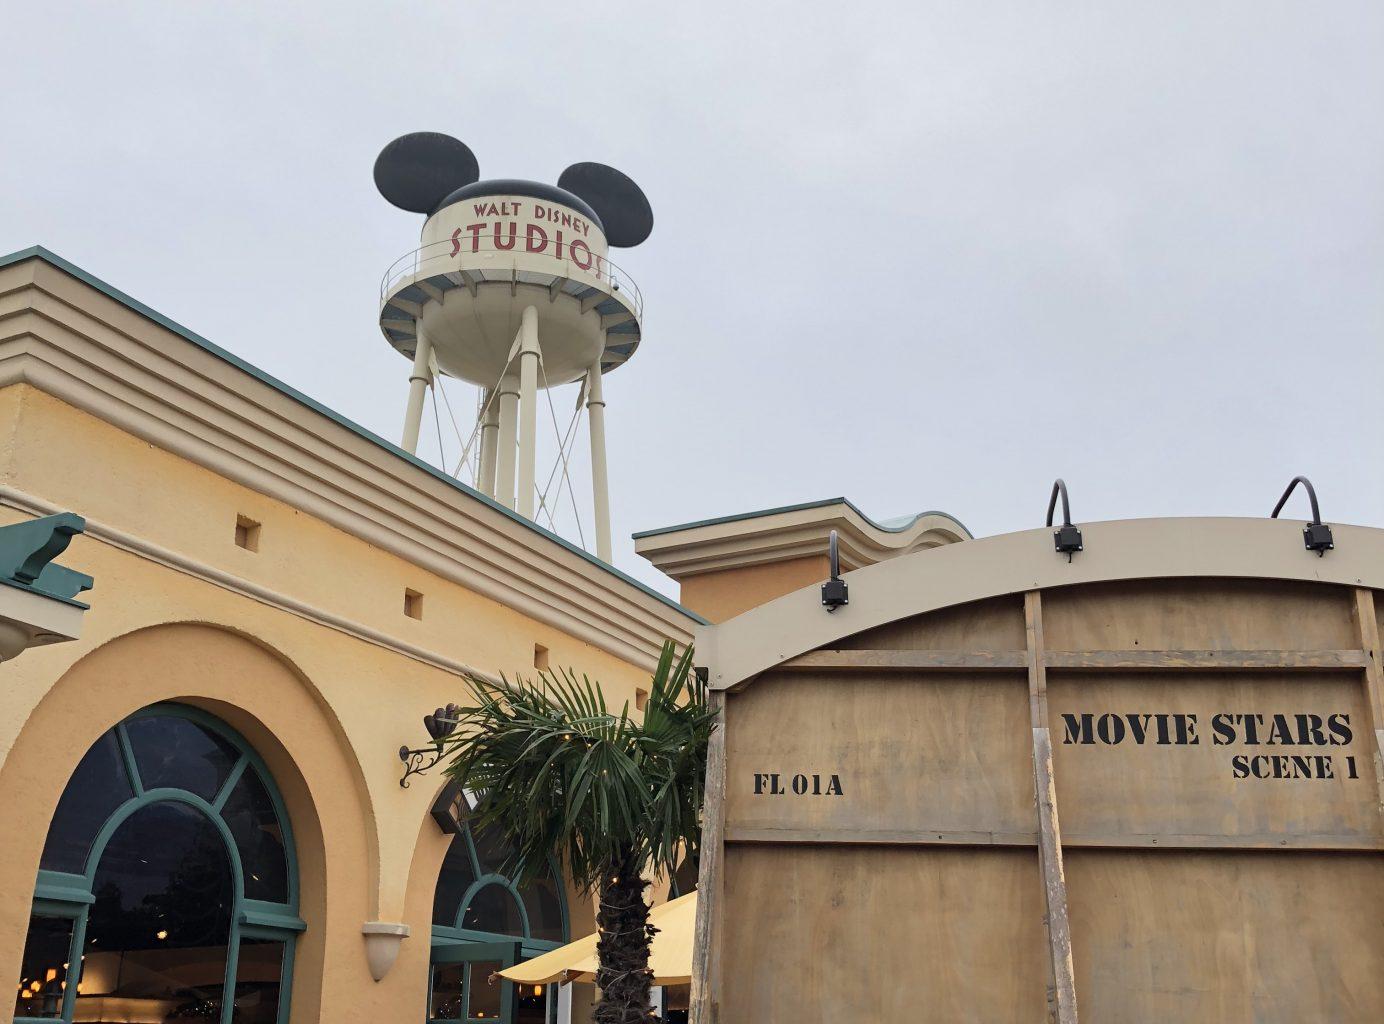 Walt Disney Studios. Consejos y trucos para aprovechar Disneyland París al máximo